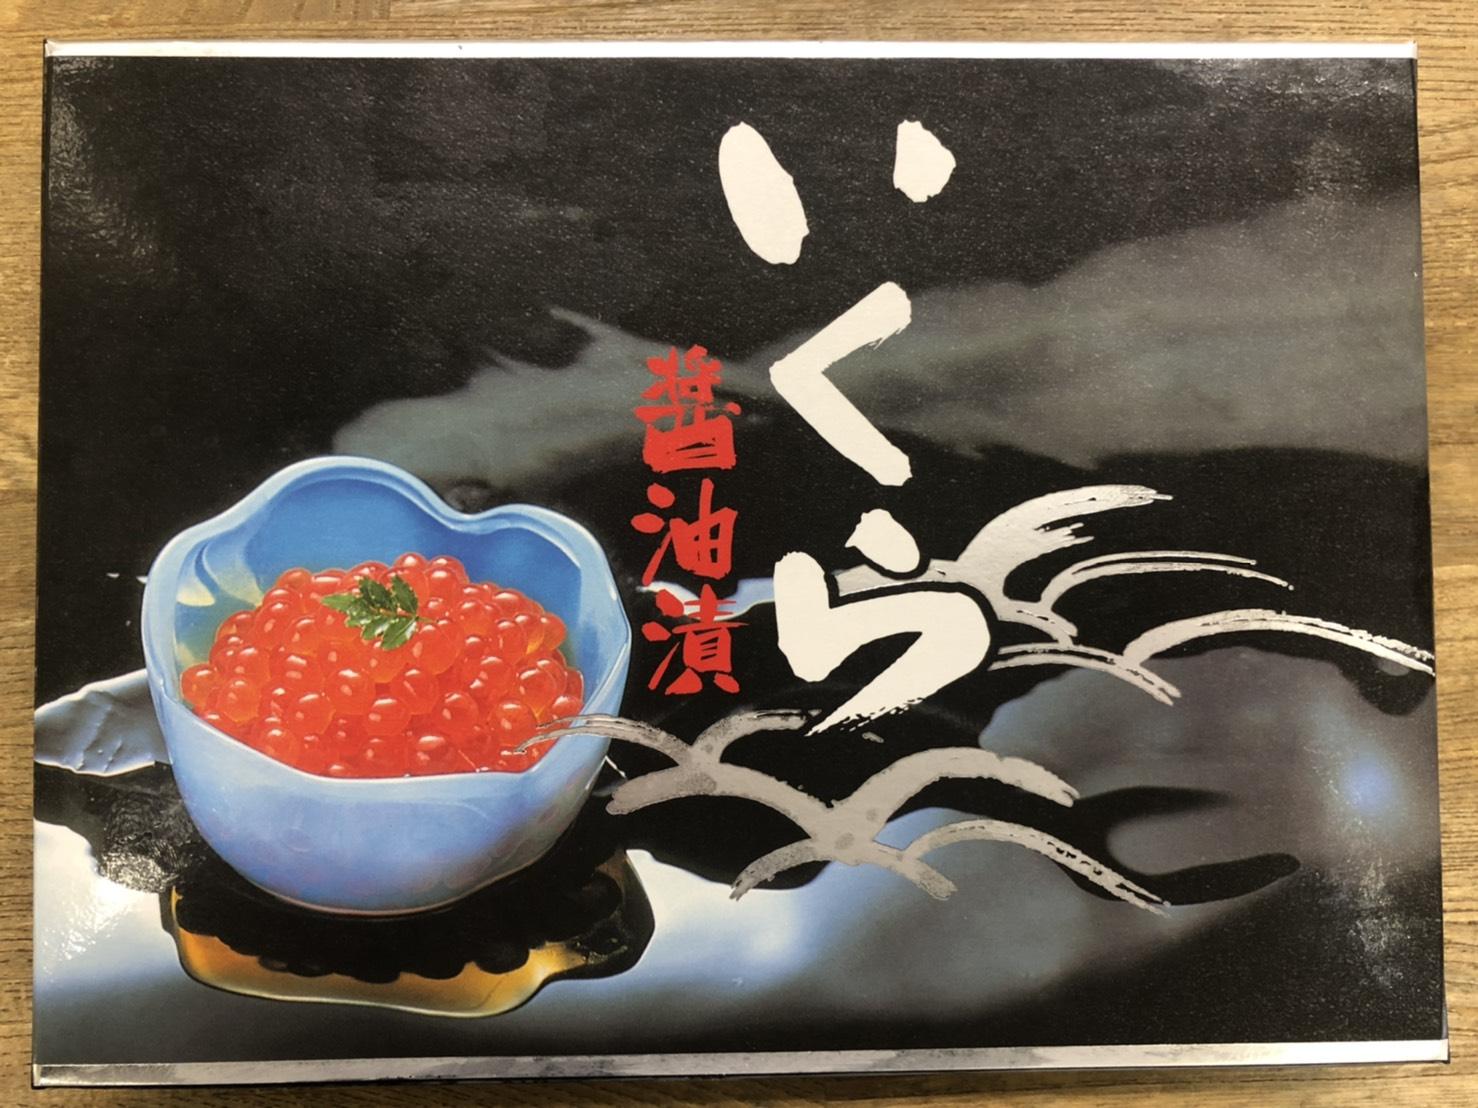 北海道 札幌 ノアの箱舟 イクラ醤油漬け 1箱250g コロナ 対策 応援